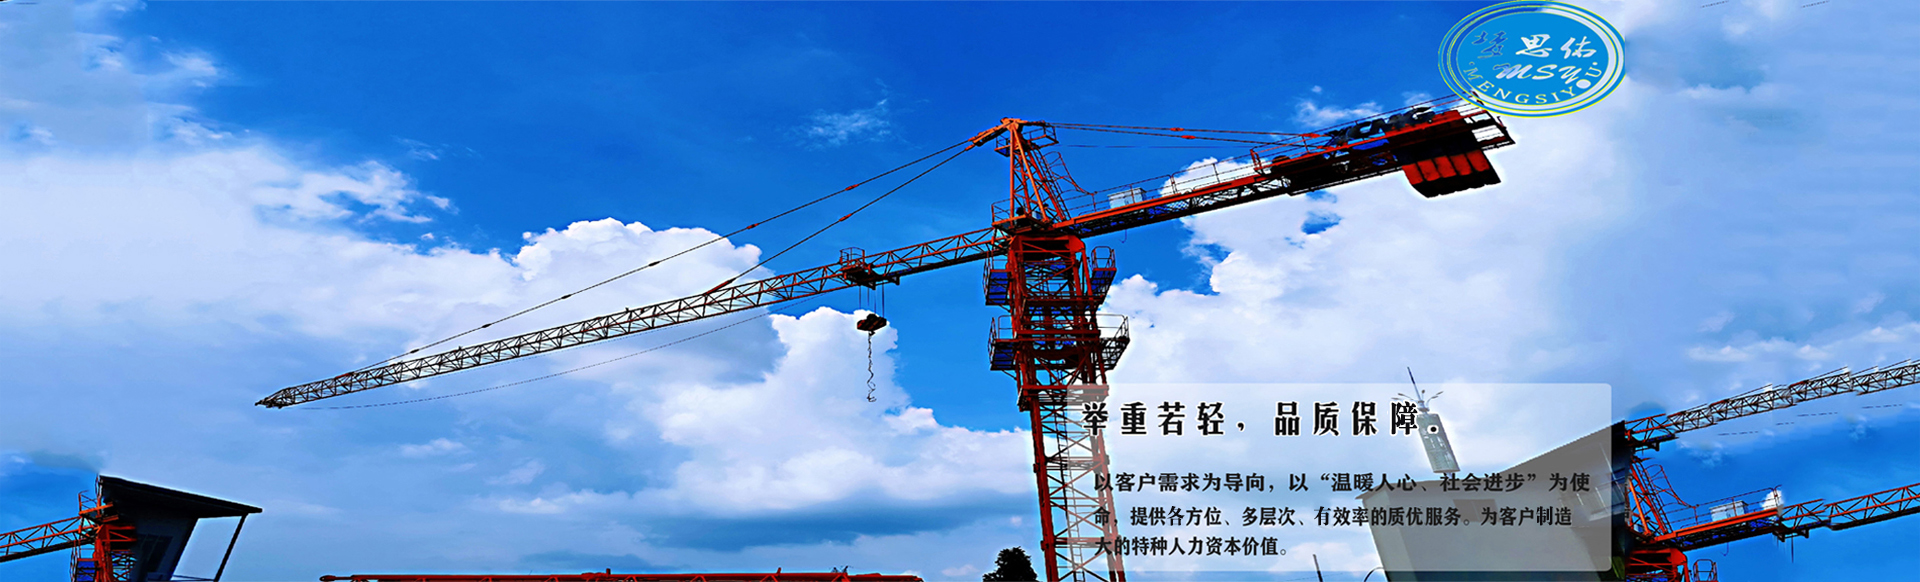 贵州劳务培训